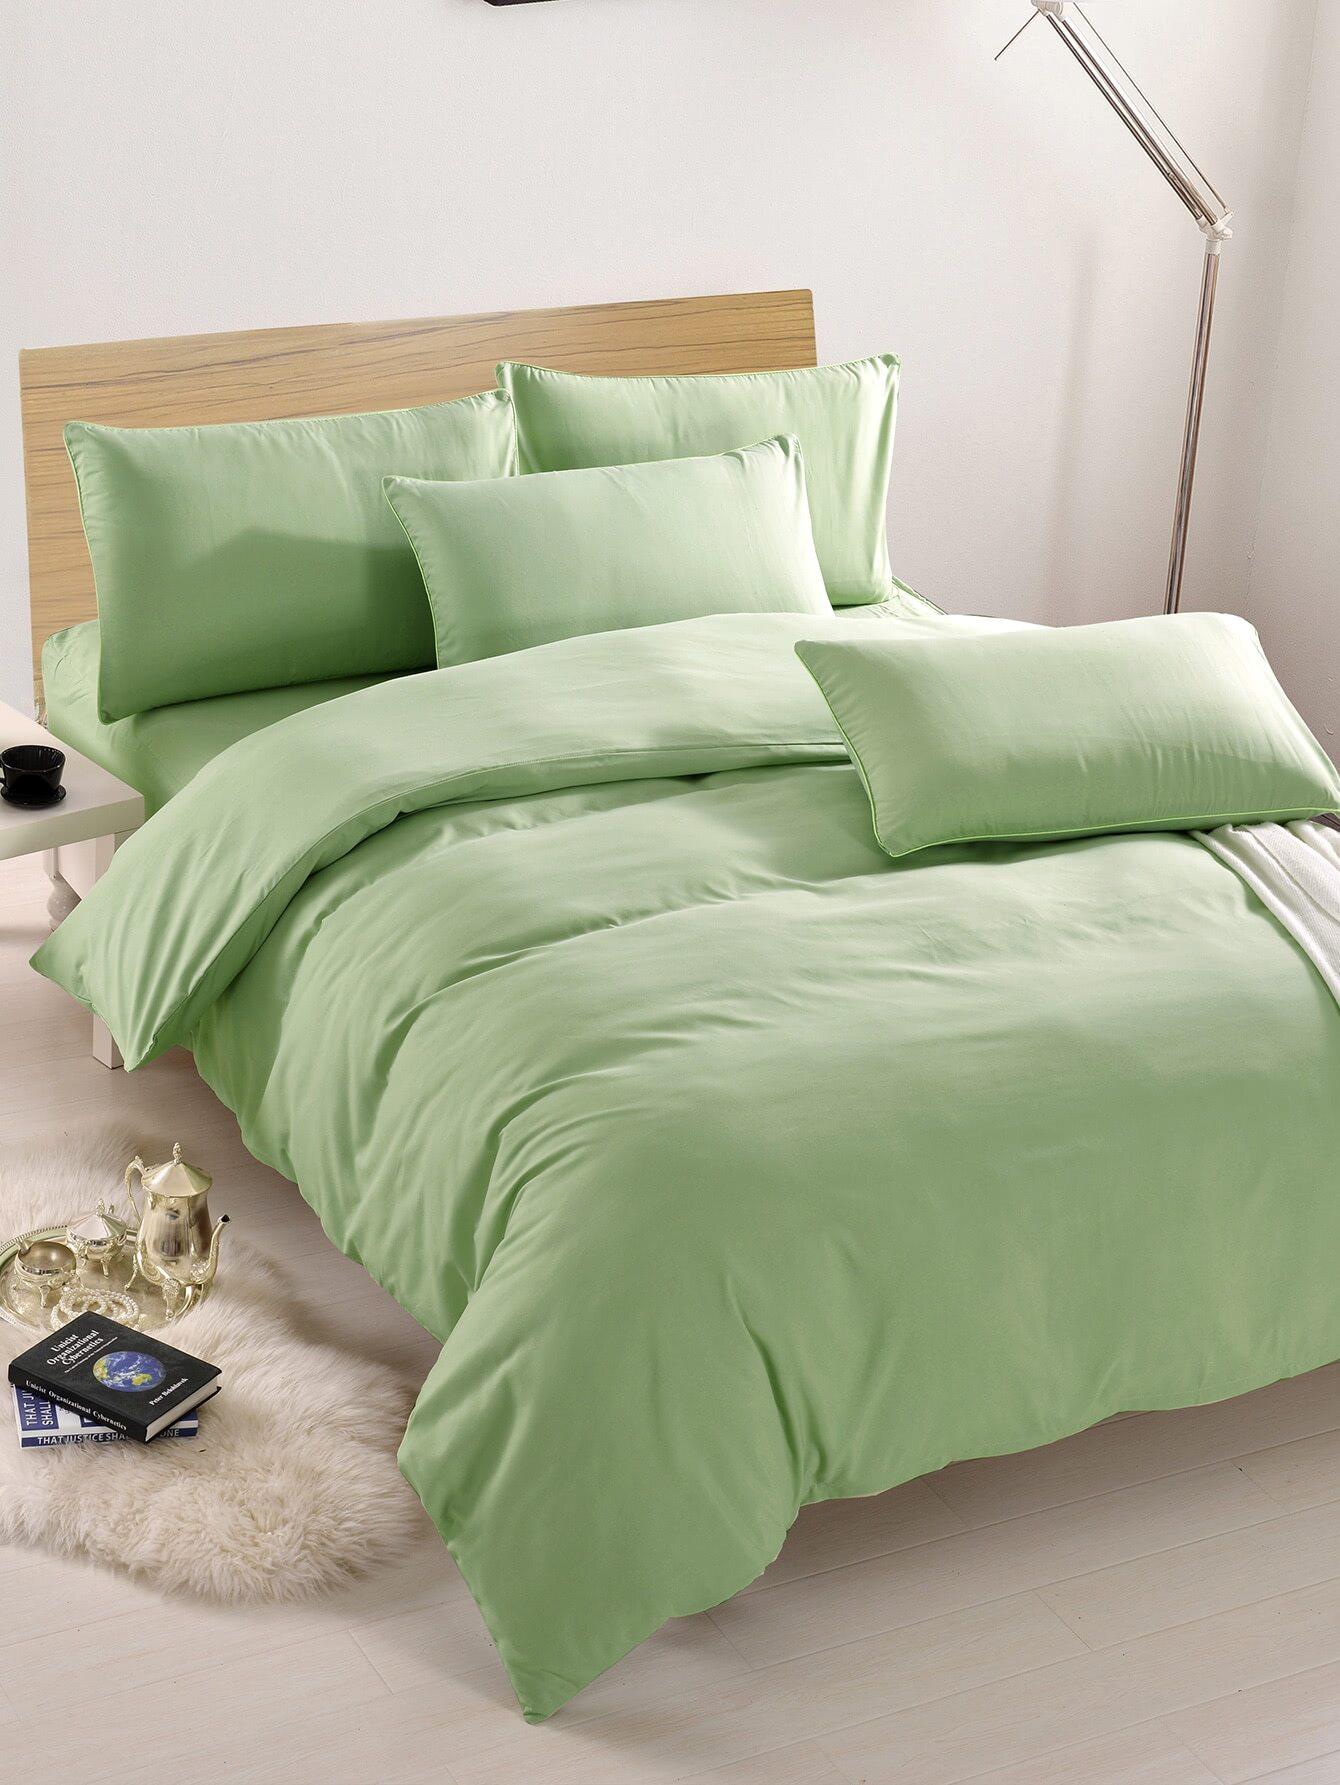 1.5m 4Pcs Simple Solid Colour Bed Sheet Set